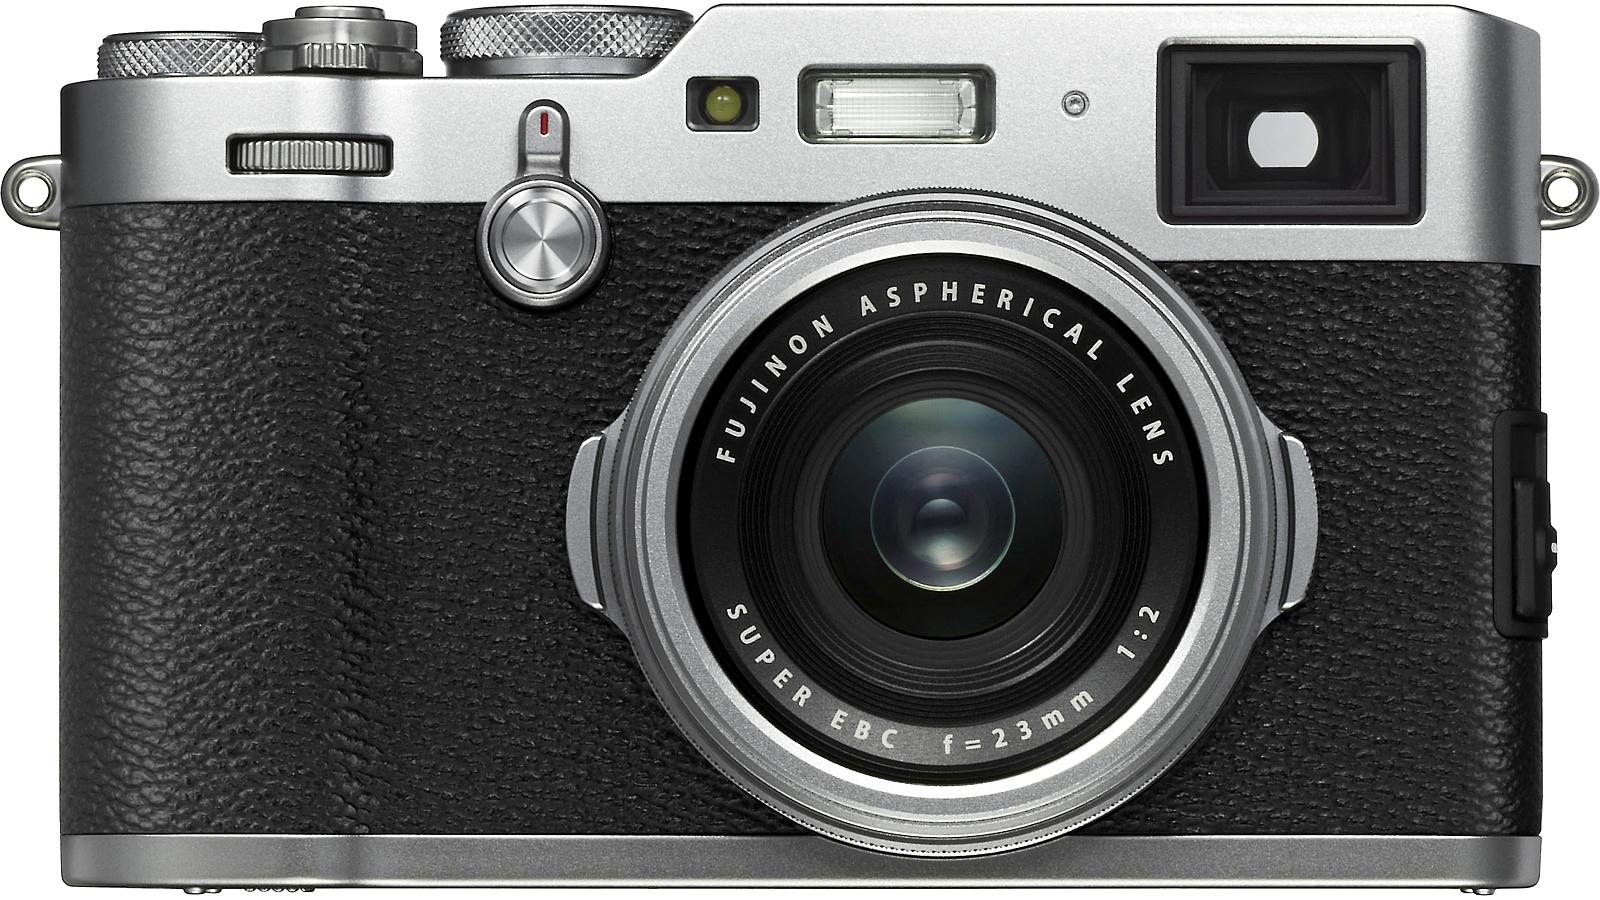 фотоаппарат среднего класса какой лучше спортсменку часто